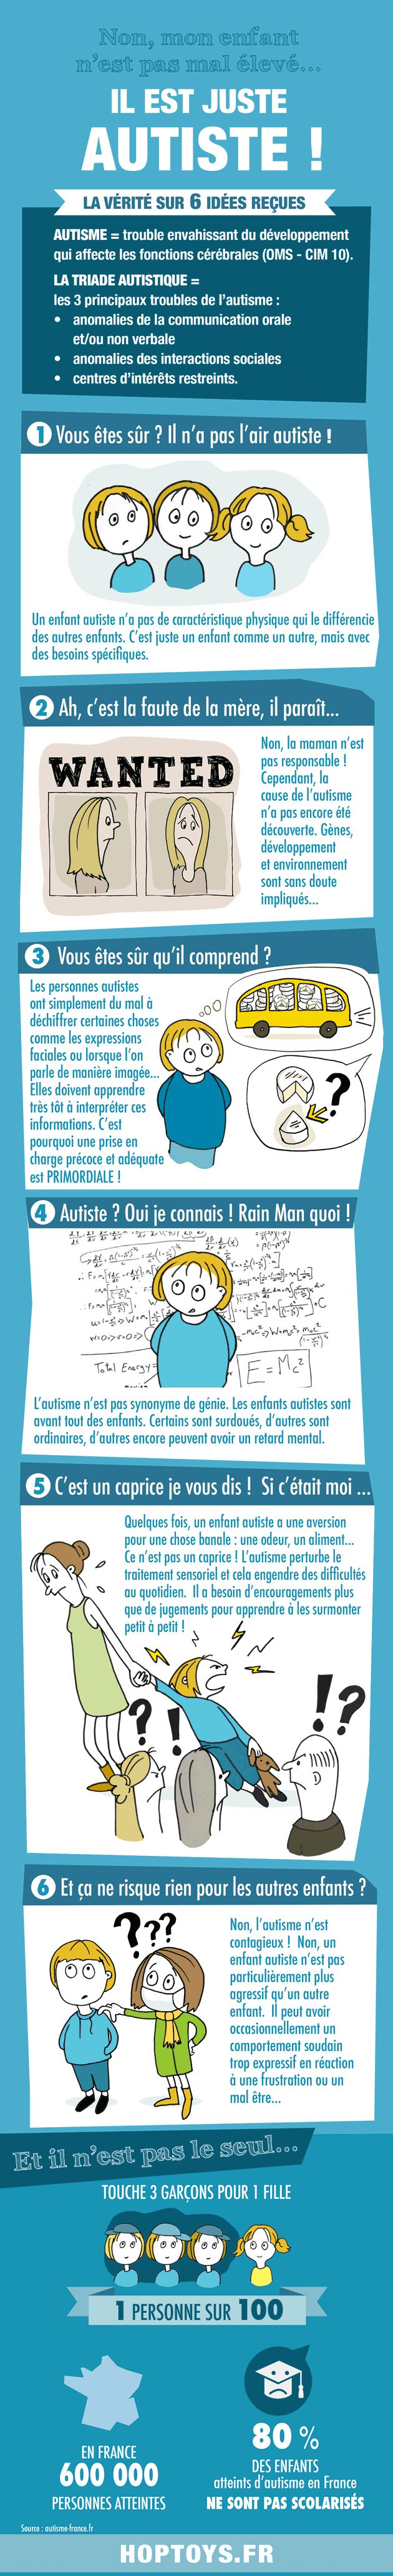 A l'occasion de la journée mondiale de sensibilisation à l'autisme, le 2 avril, nous avons réalisé une infographie pour mieux comprendre ce trouble envahissant du développement et dénoncer les (trop !) nombreuses idées reçues et préjugés à ce sujet